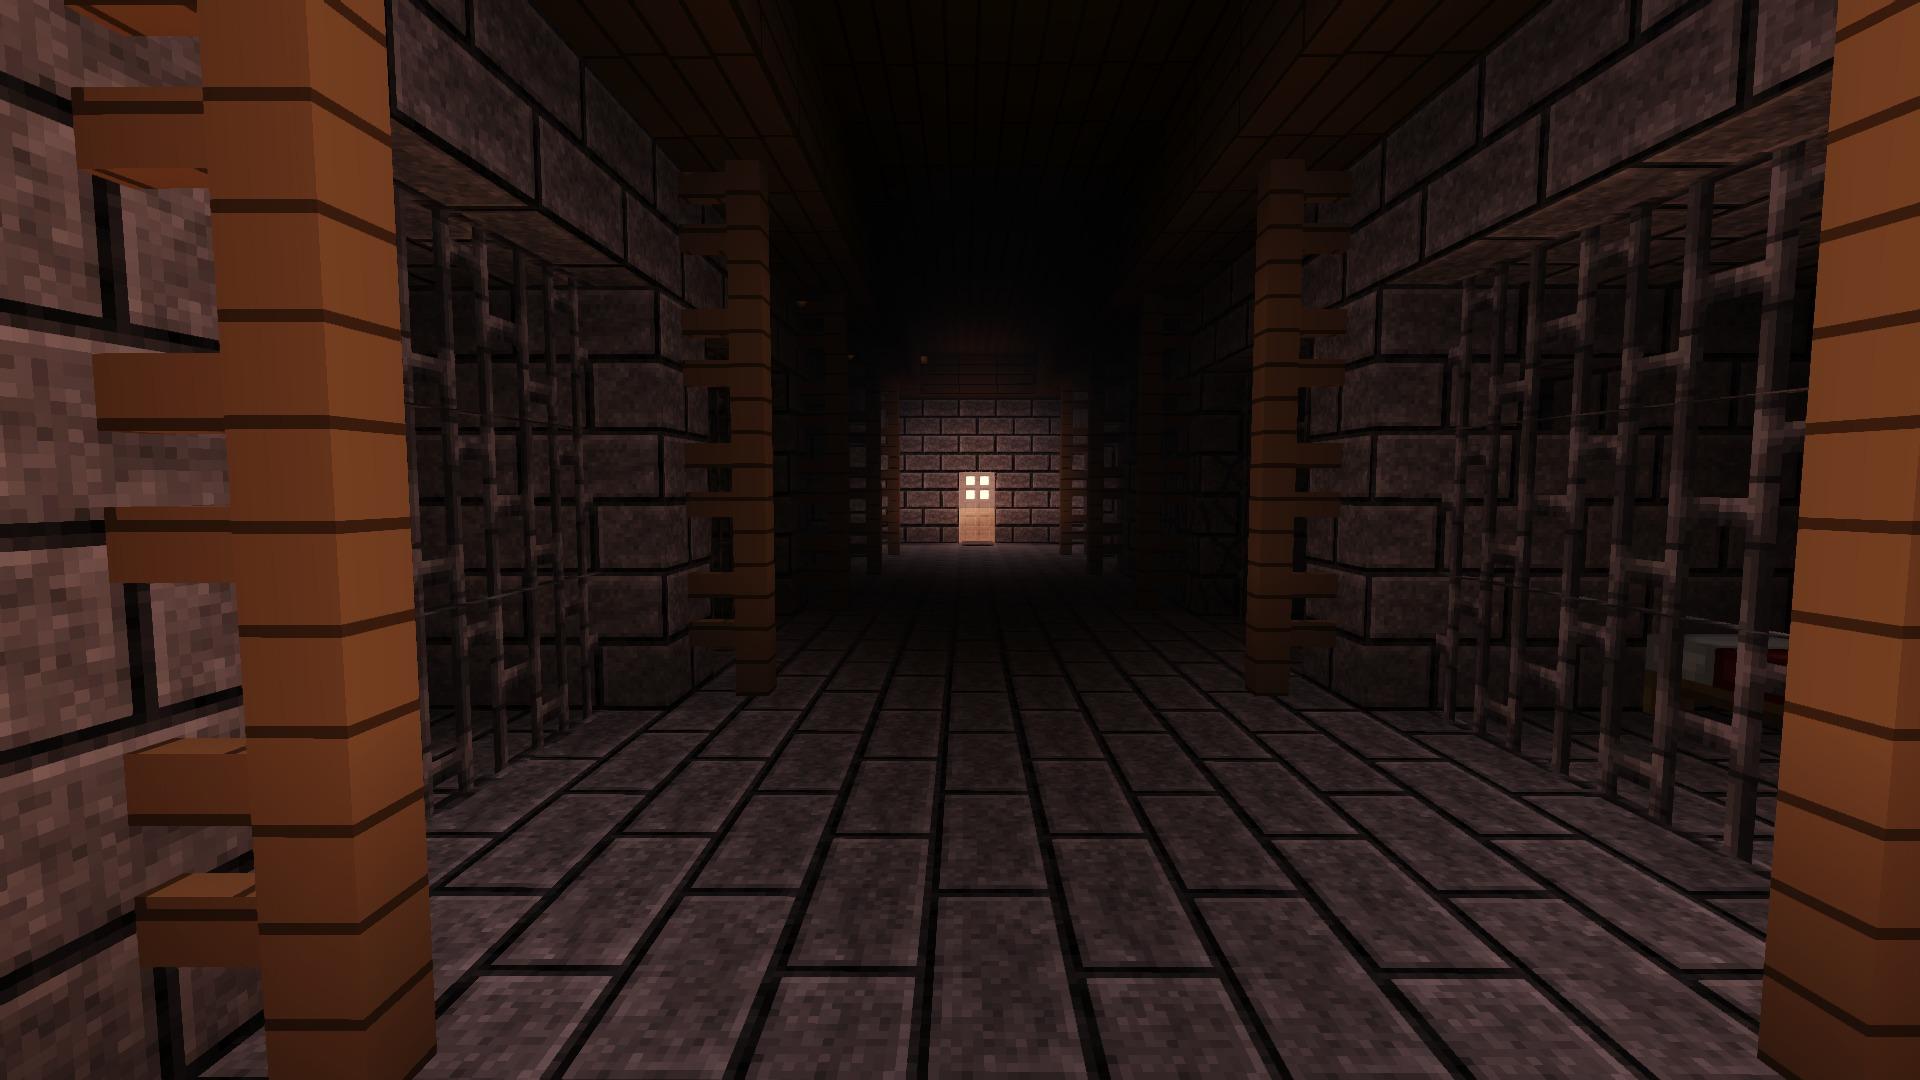 Escape prison - screenshot 2